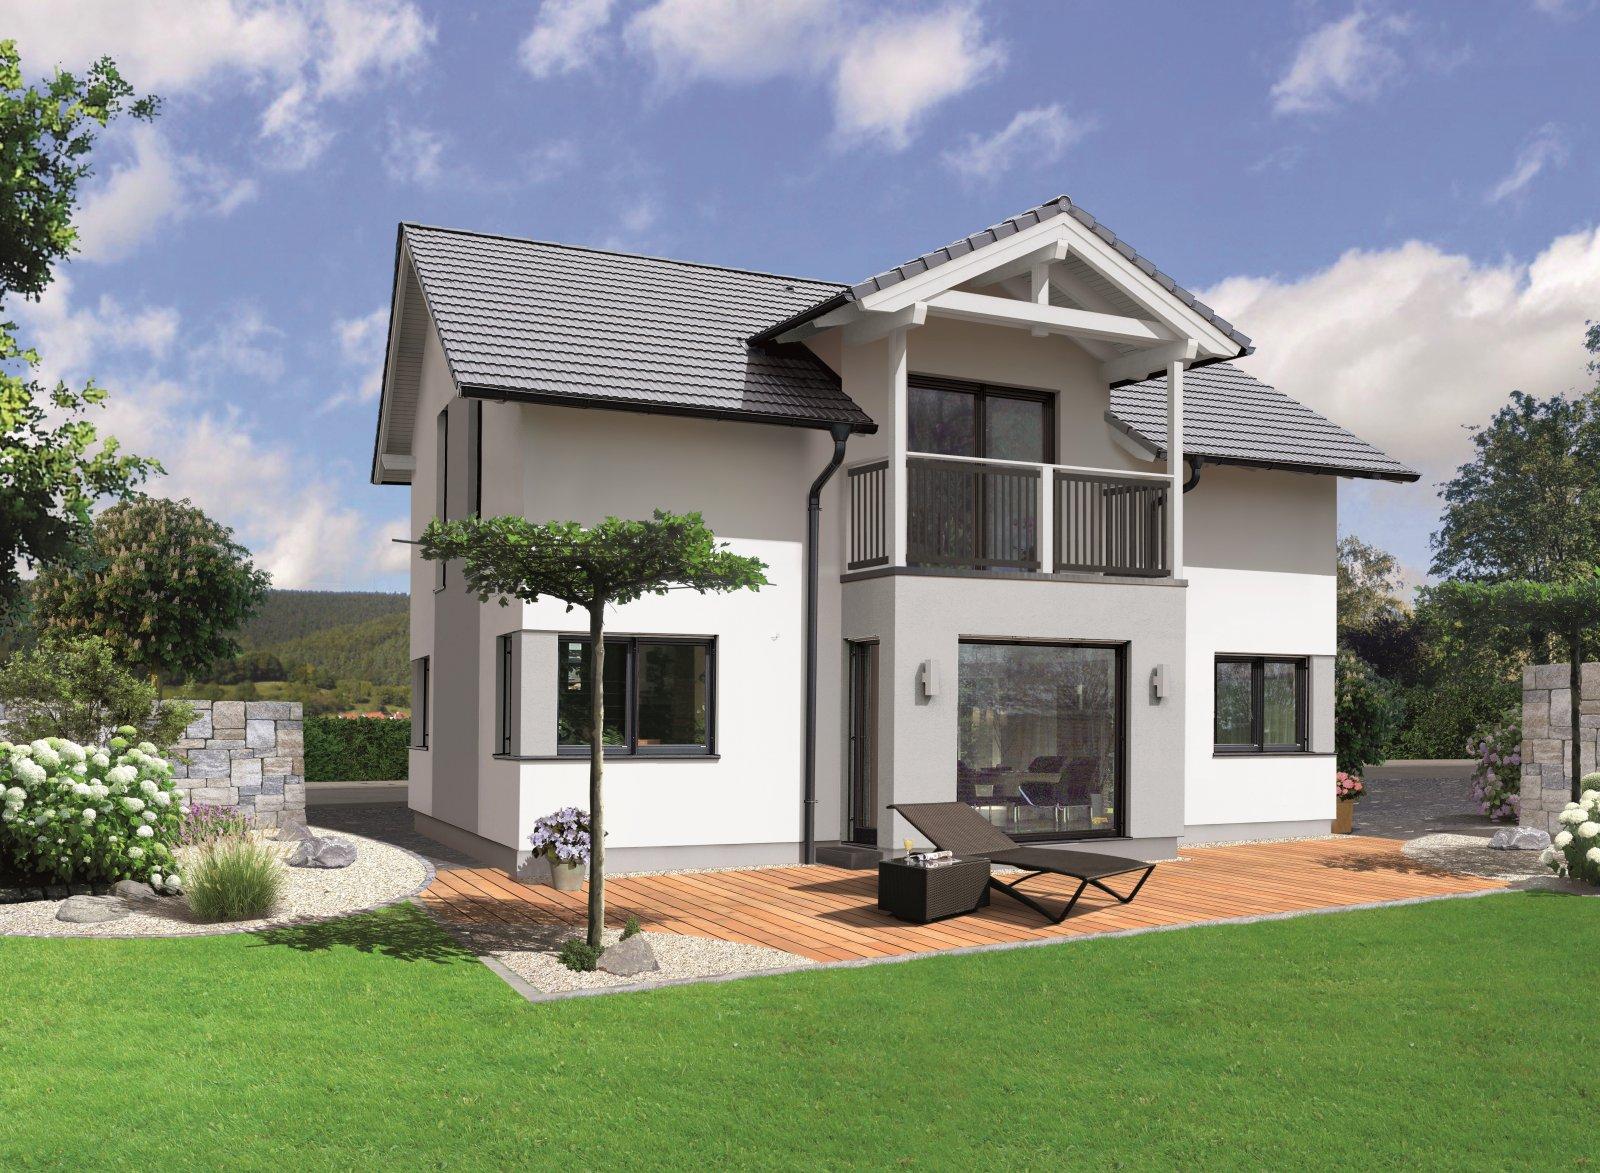 Trend 146 S - 24° Dachneigung, Erker im EG, Balkon im DG und Eckfenster Classic